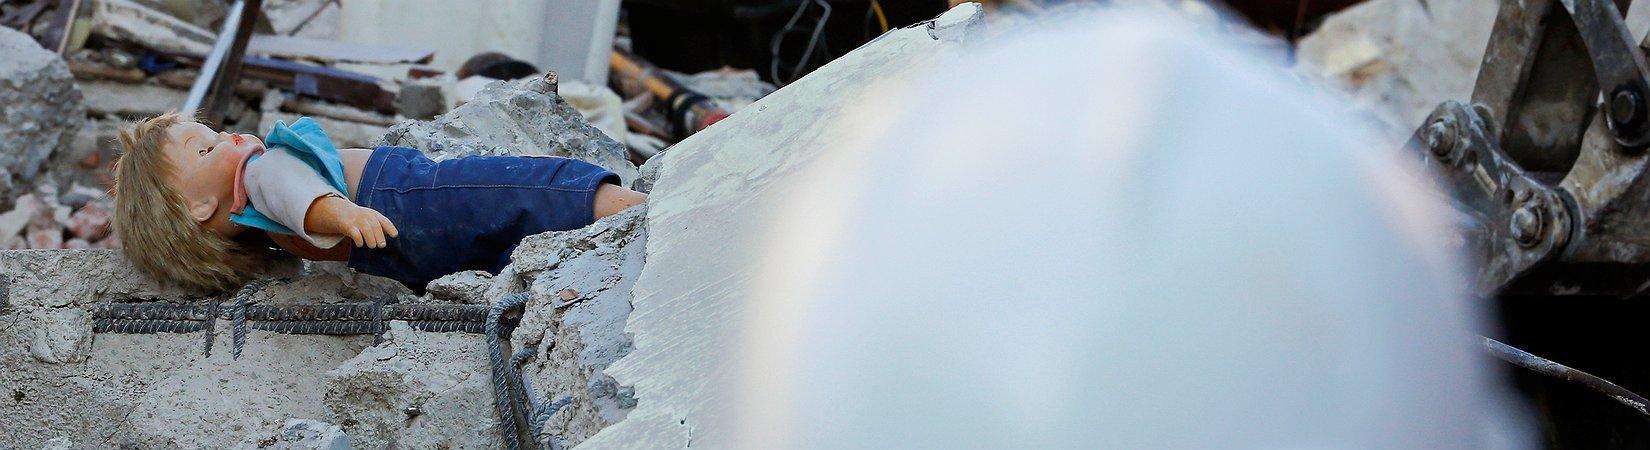 Las víctimas del terremoto en Italia ascienden a 247